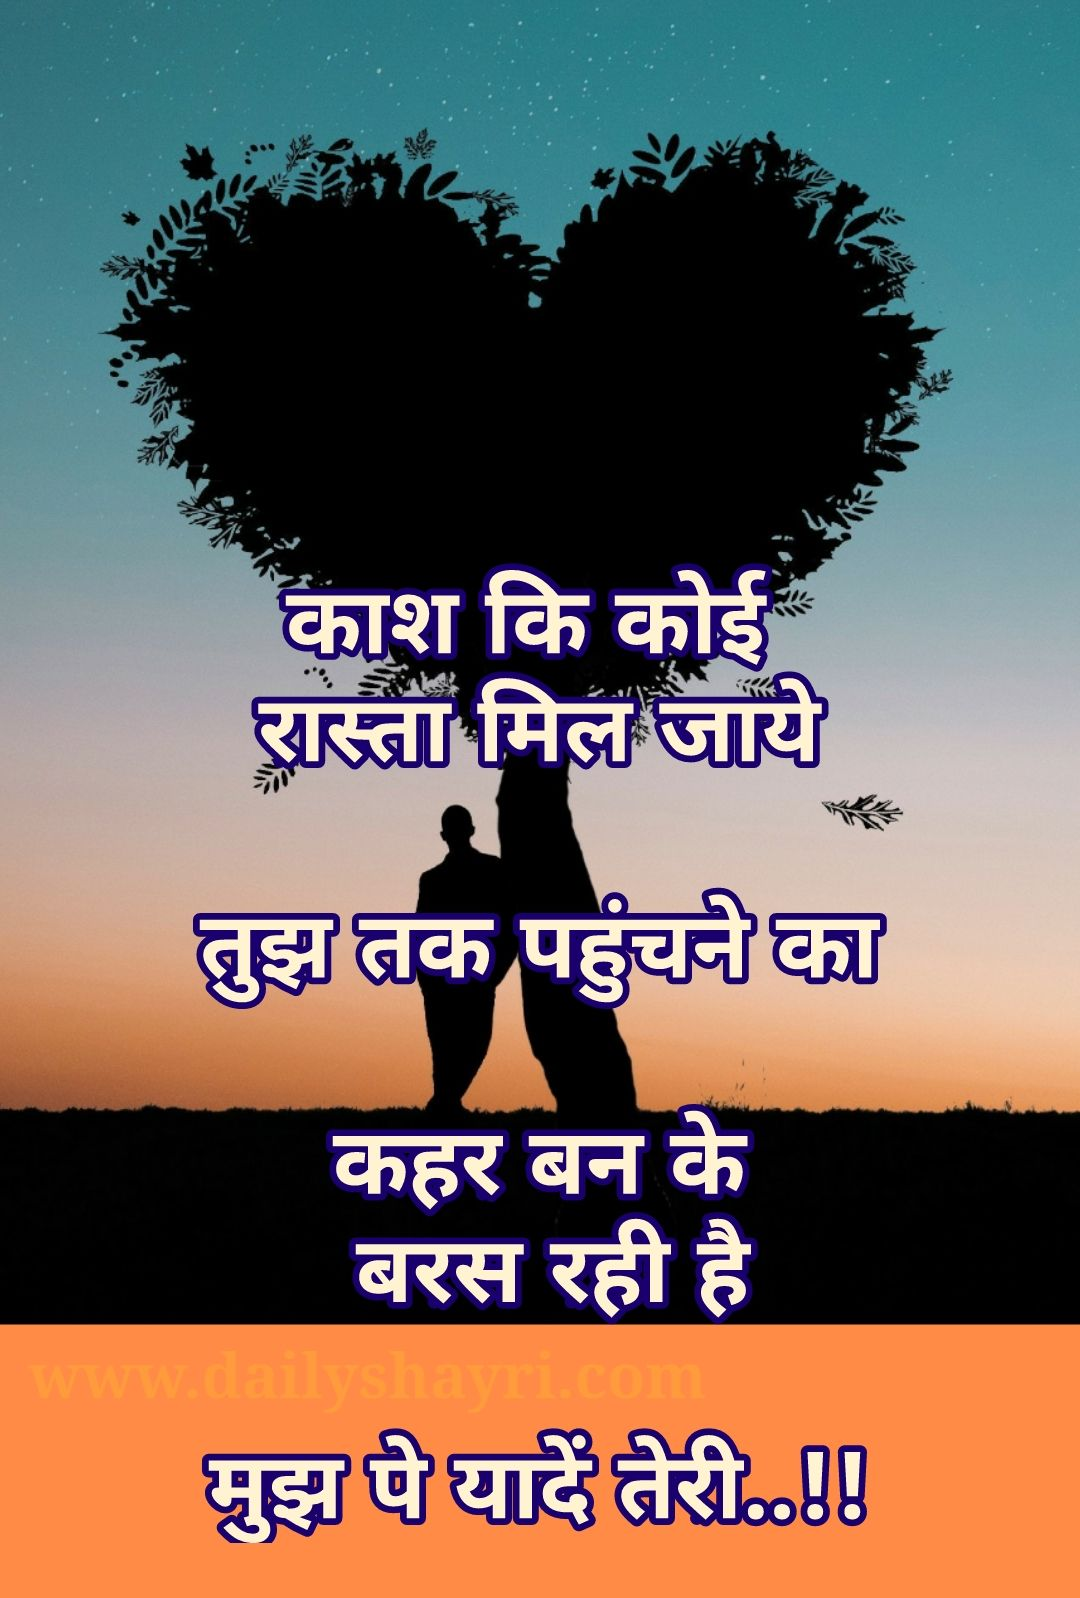 Hindi new shayari Independence Day